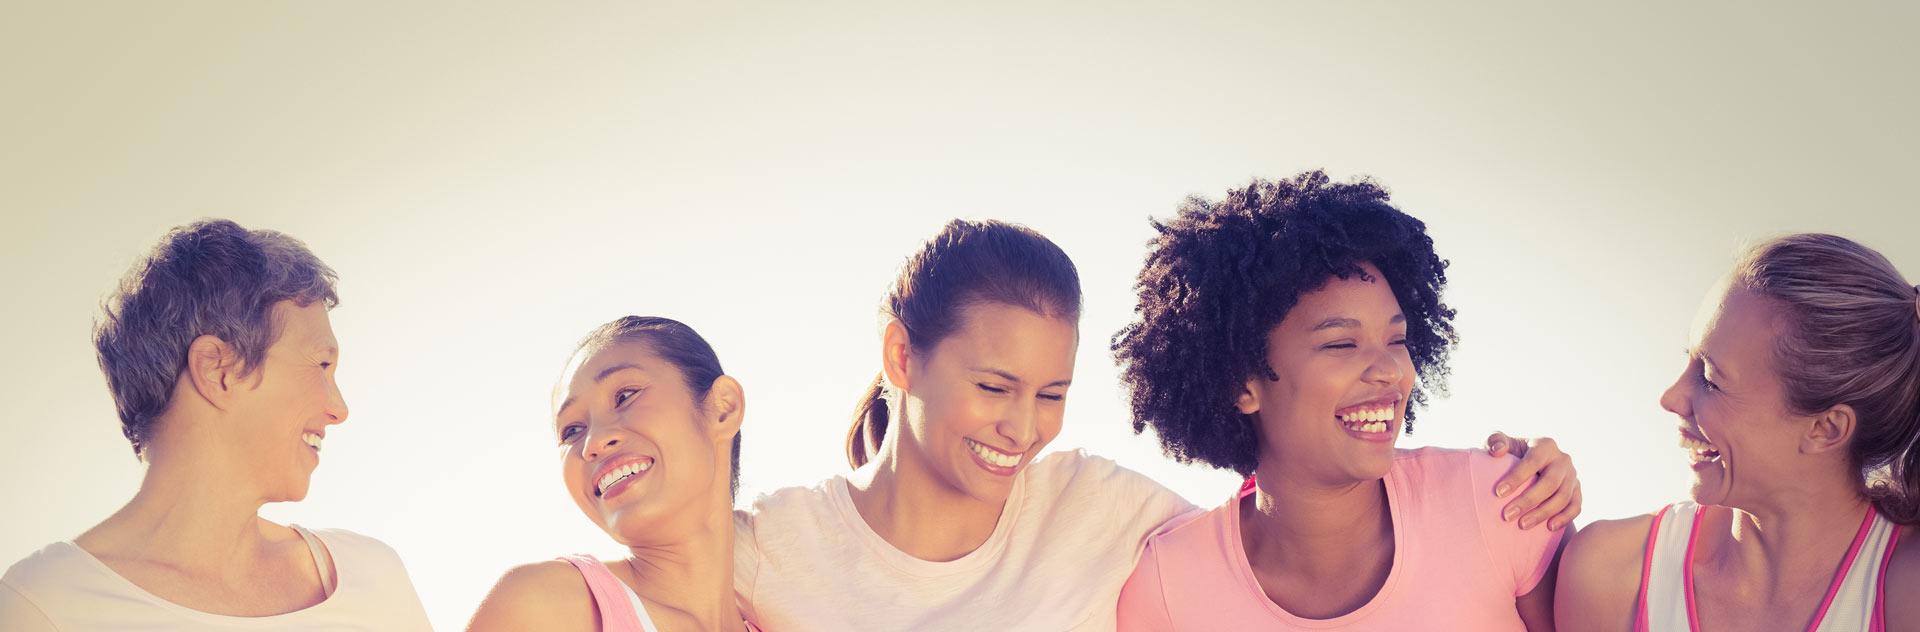 Imagen de mujeres sonriendo tras optar por pelucas oncológicas